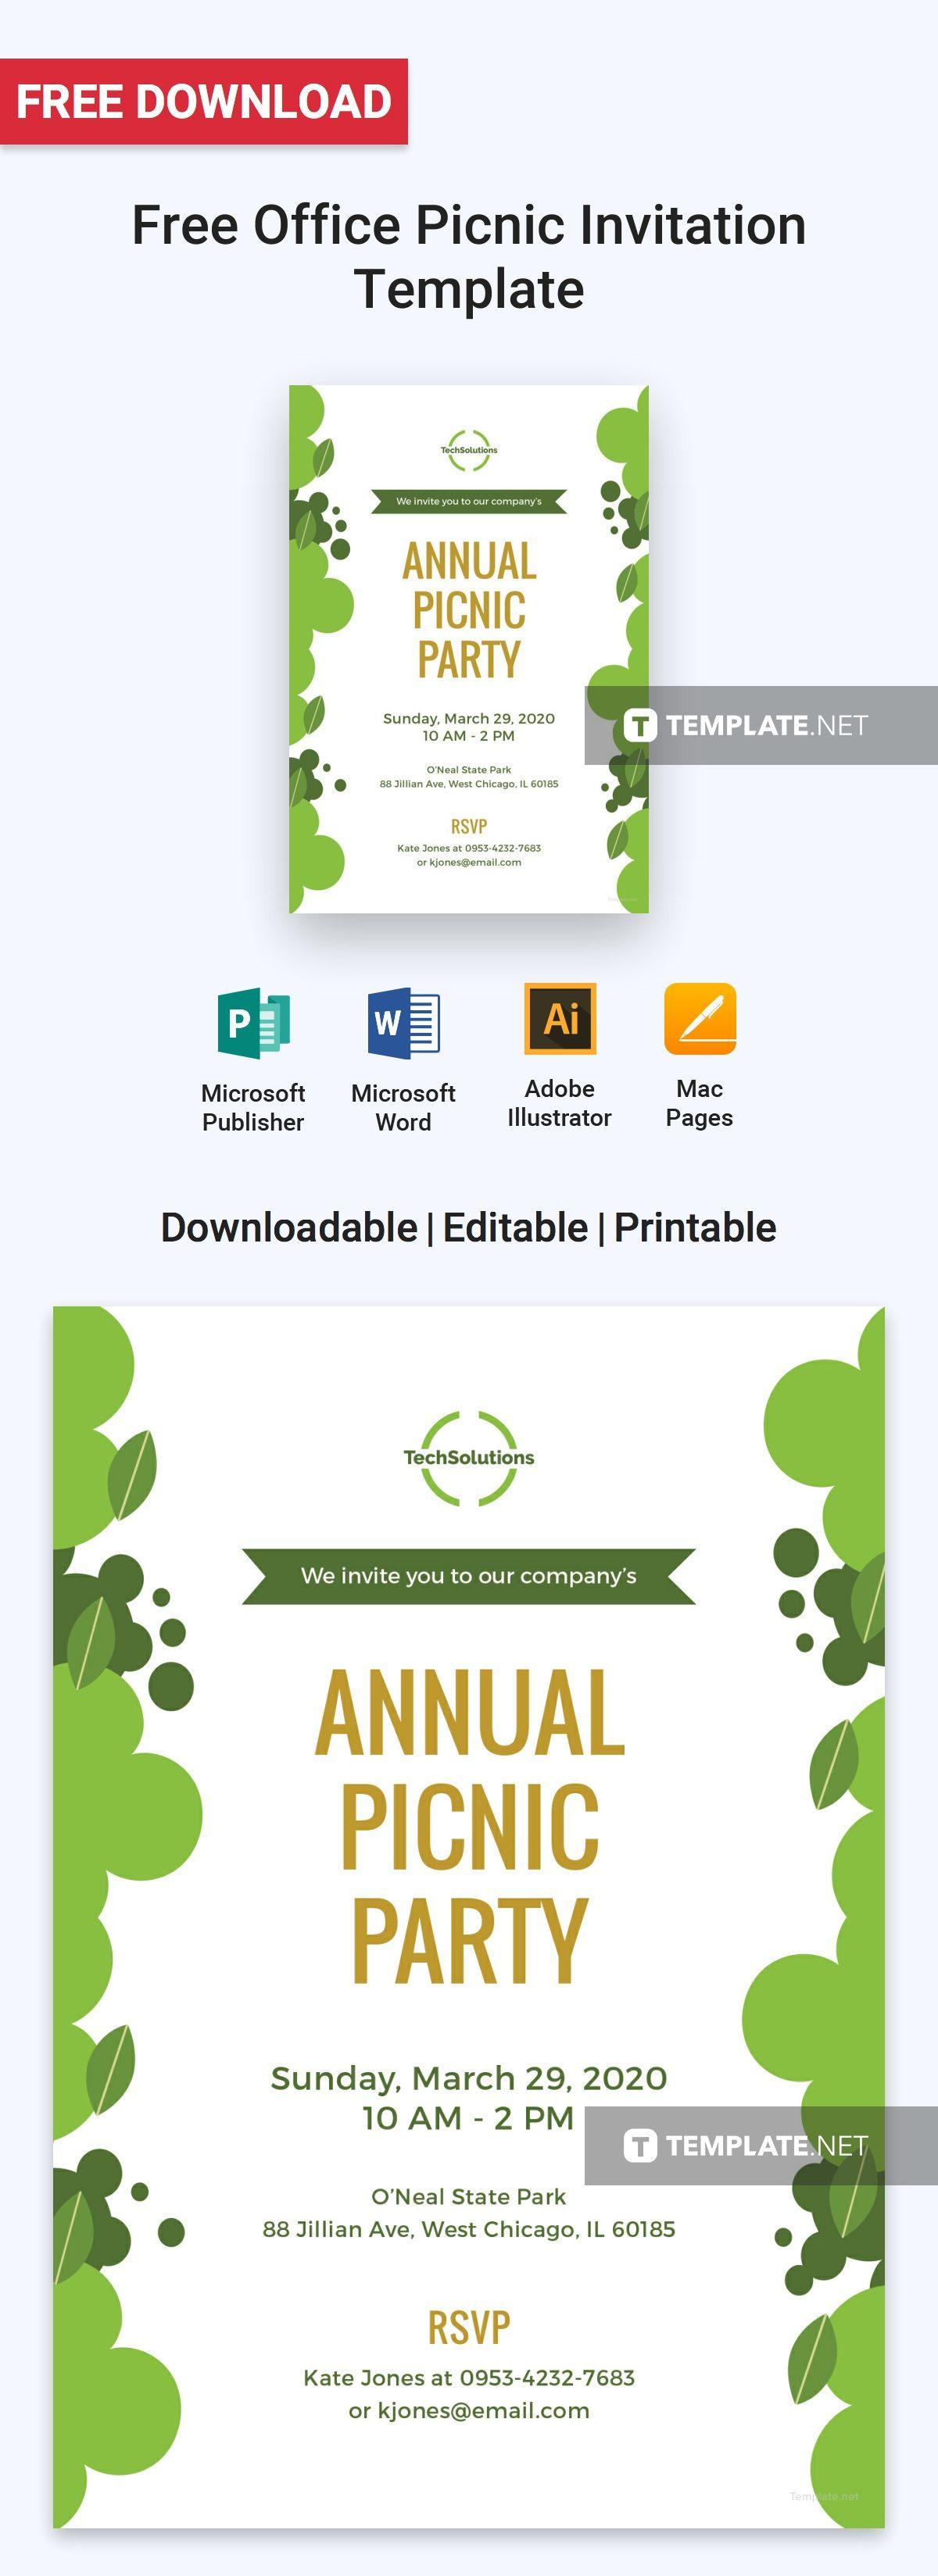 Free Office Picnic Invitation Invitation Templates Designs 2019